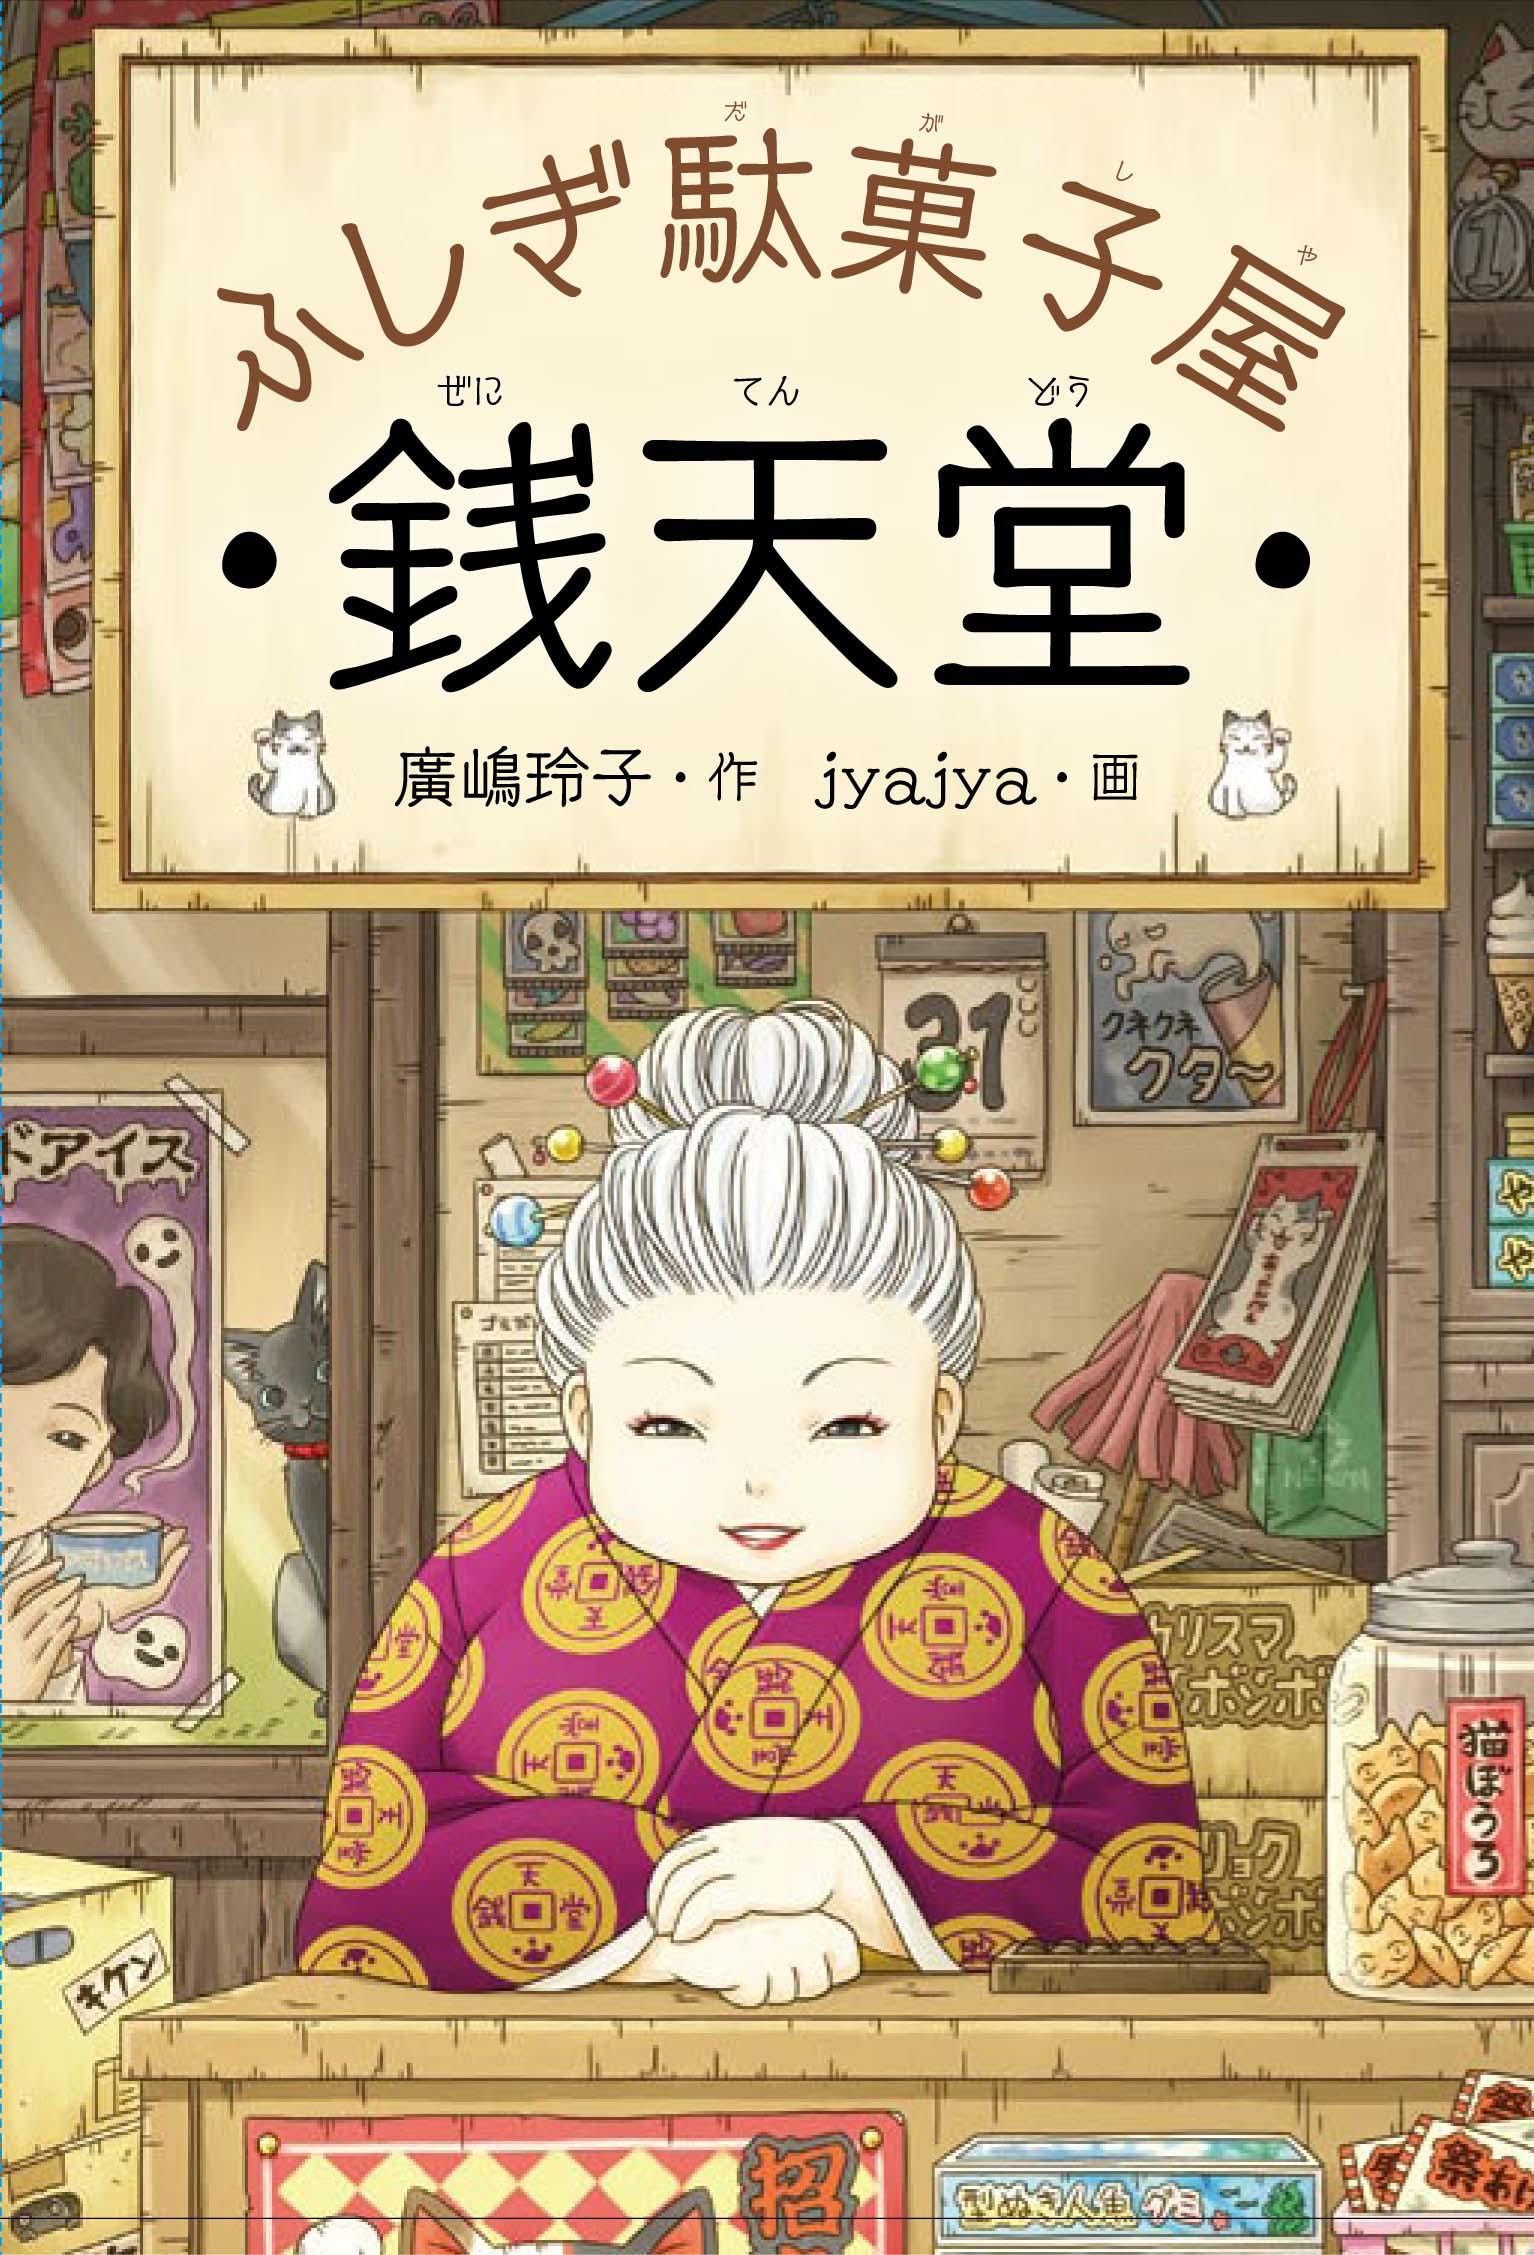 「ふしぎ駄菓子屋 銭天堂」アニメ映画化決定! サブタイトルは「つりたい焼き」